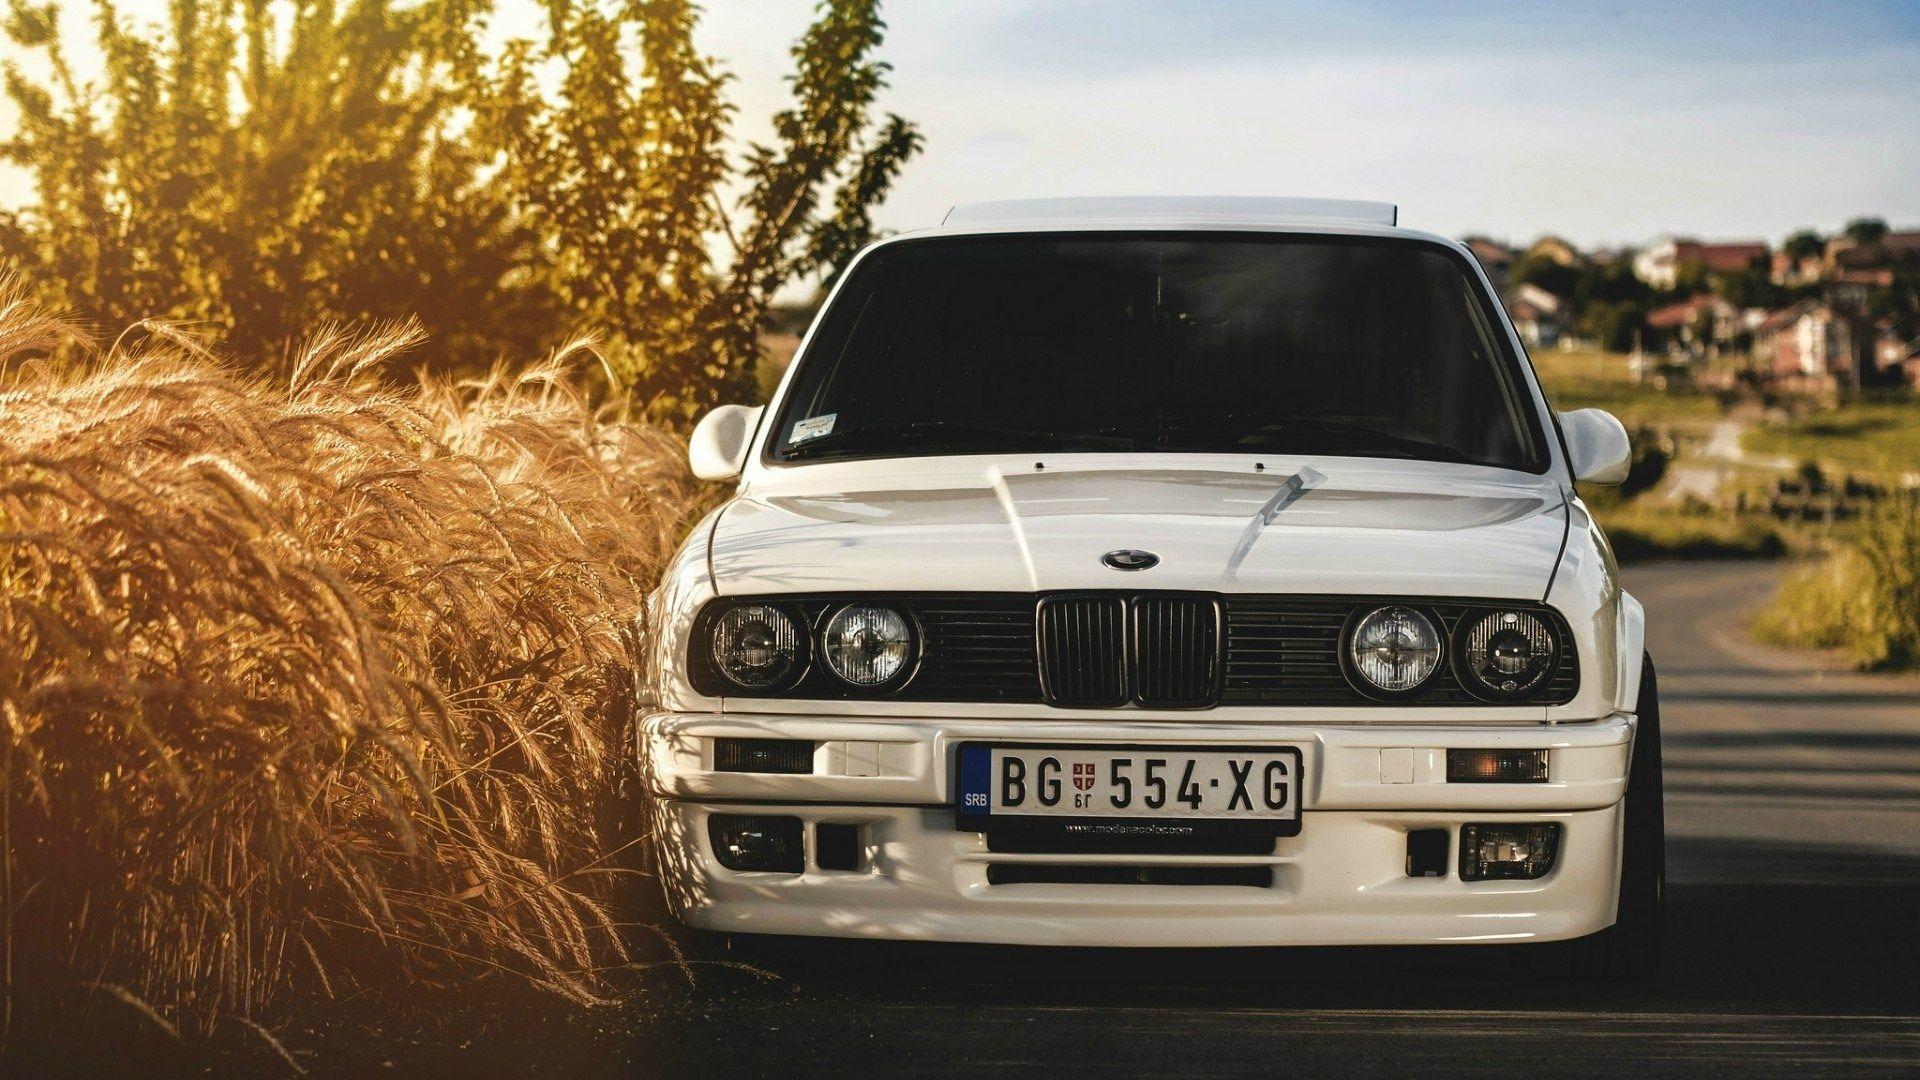 Bmw M3 Hd Wallpaper: BMW E30 Wallpapers